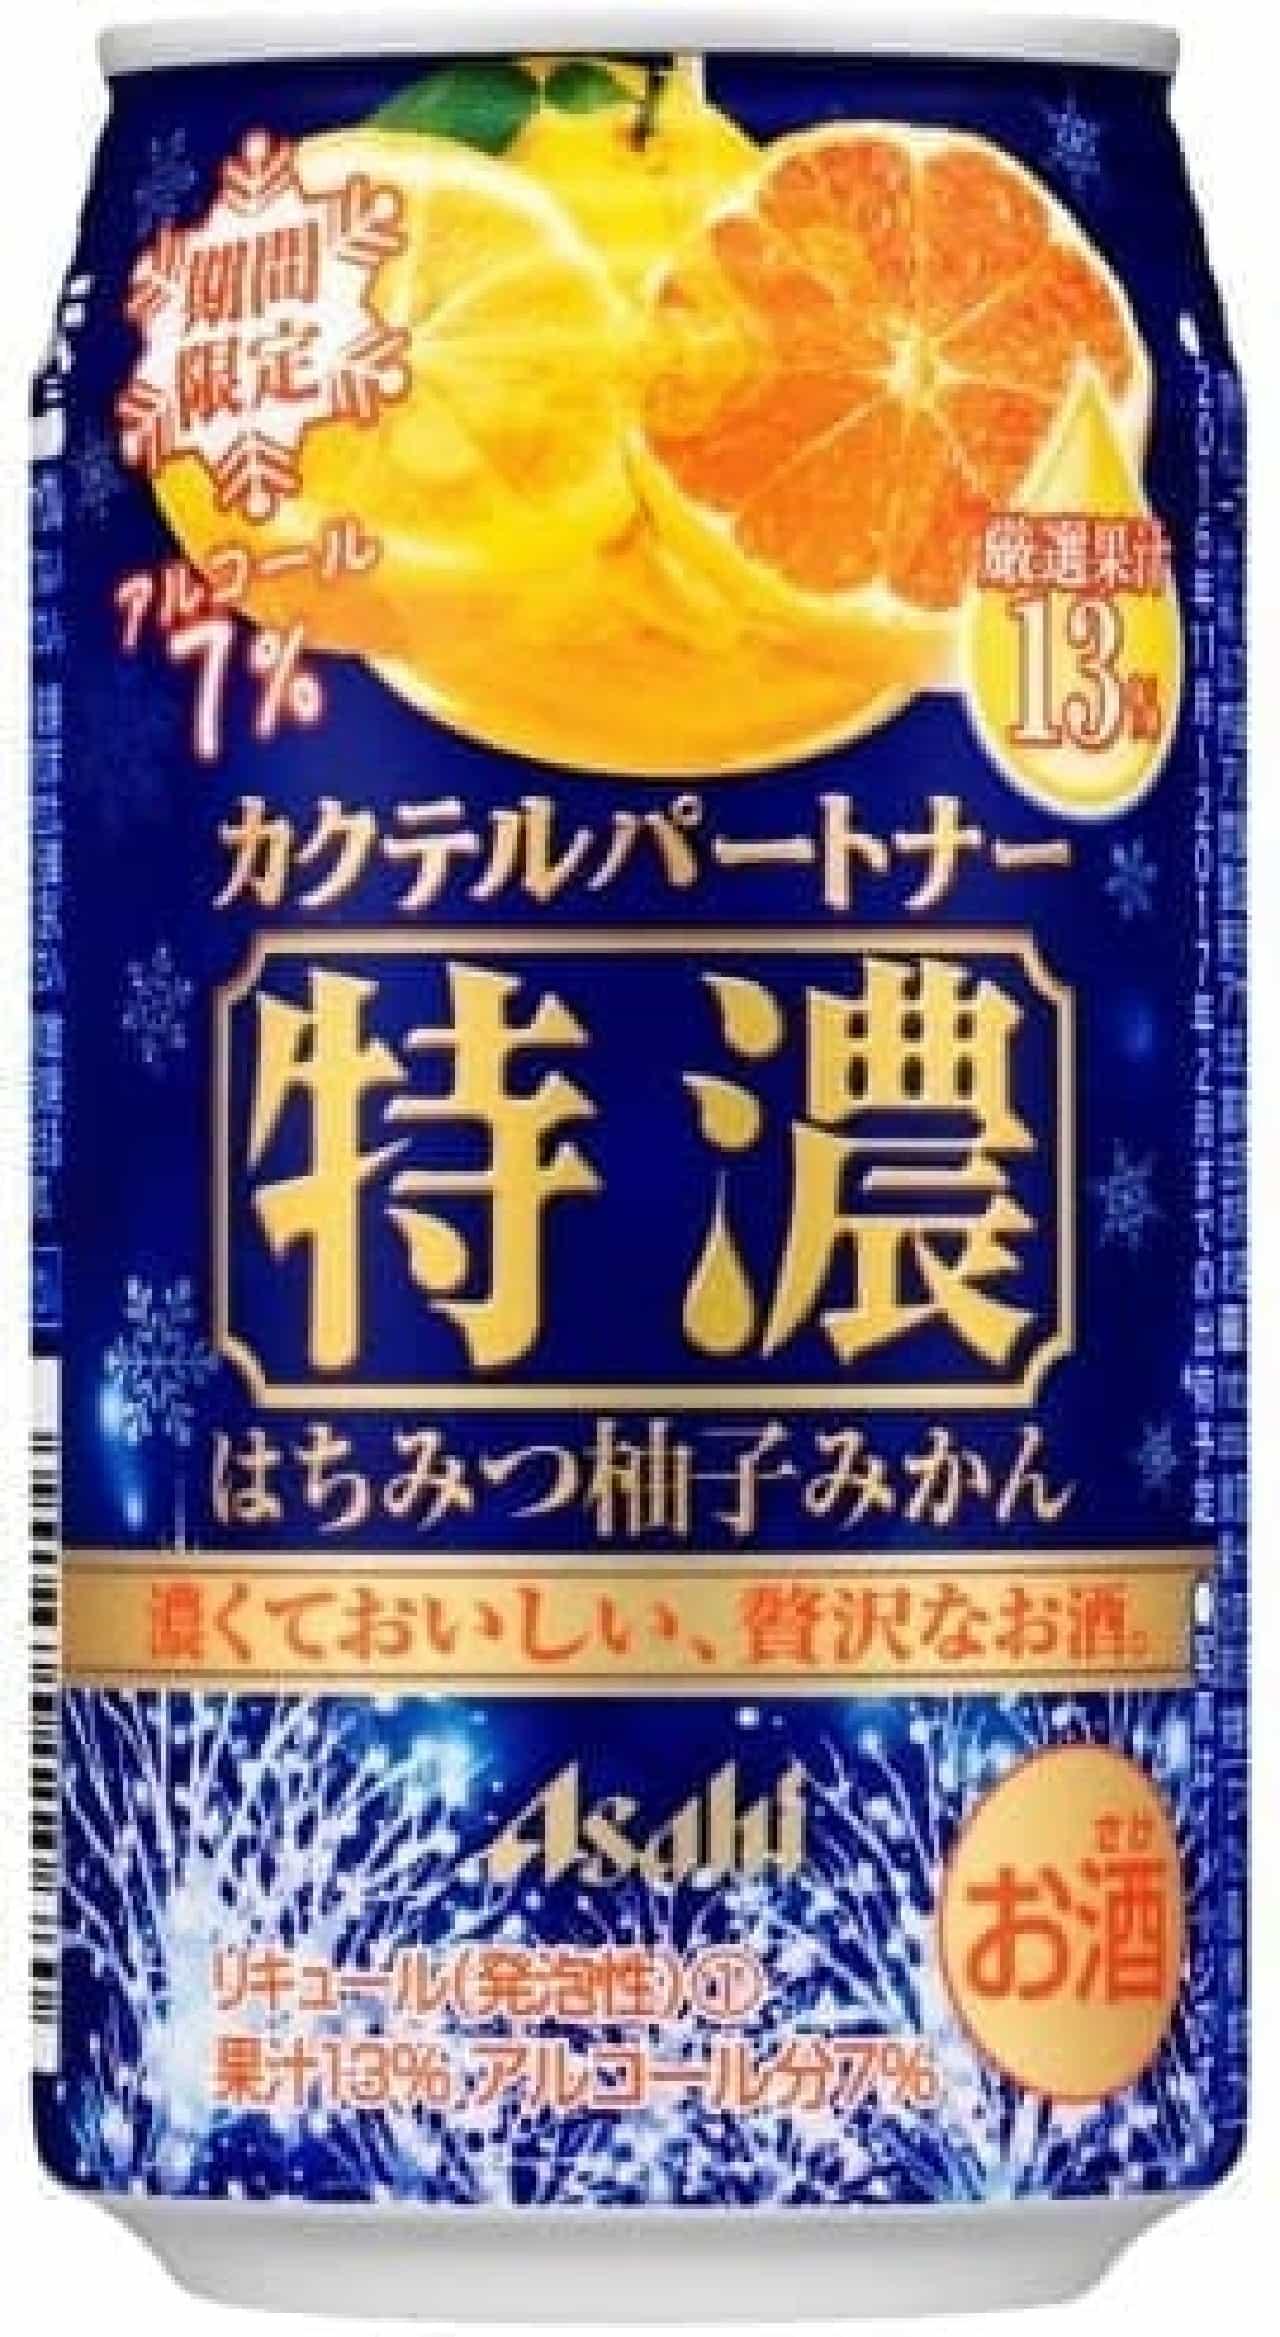 アサヒビール「アサヒカクテルパートナー 特濃 はちみつ柚子みかん」